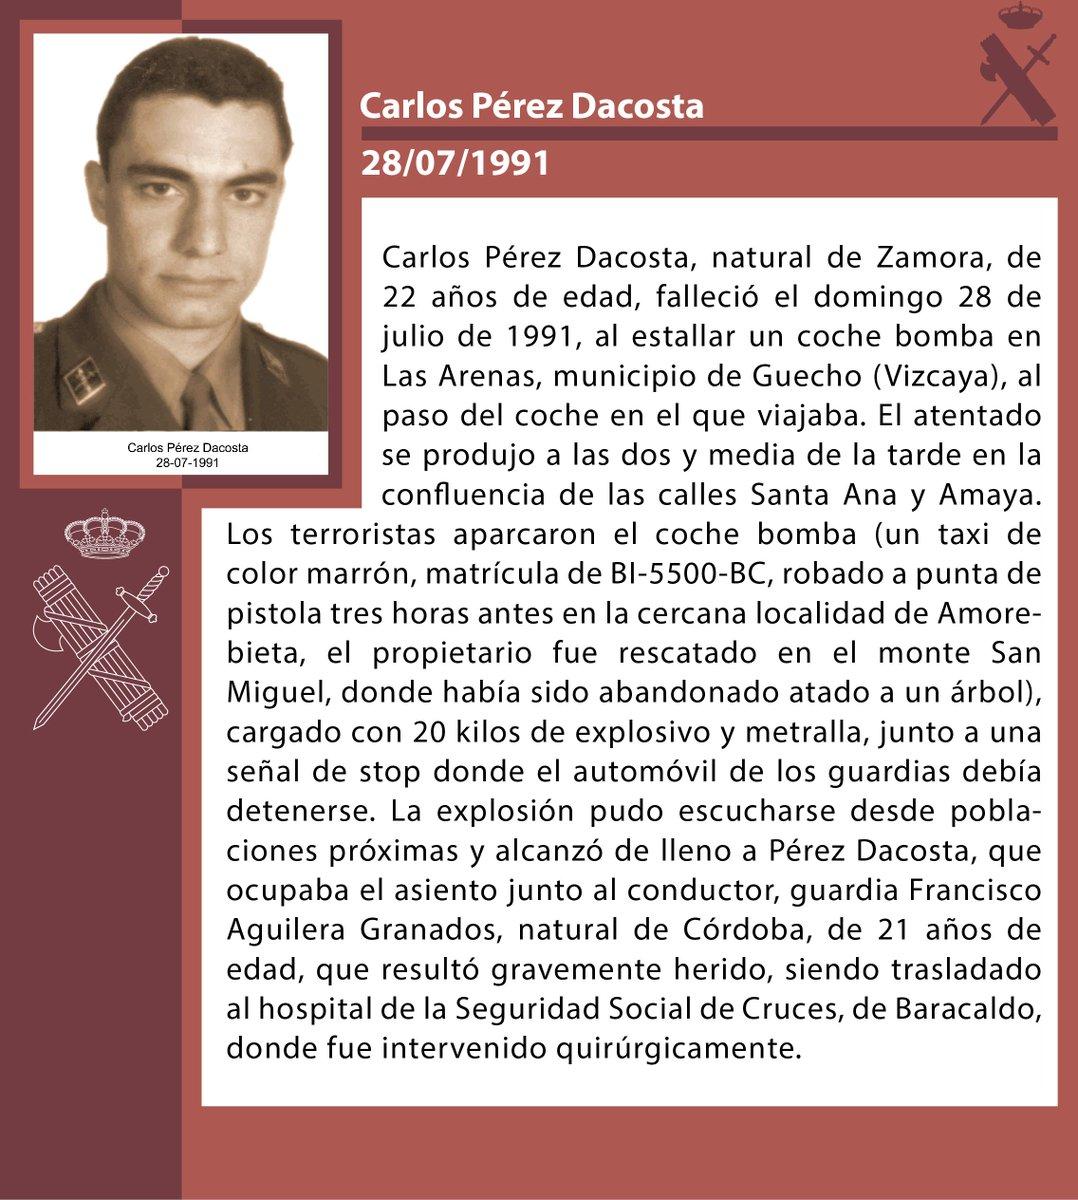 #InMemoriam Guardia civil Carlos Pérez Dacosta, asesinado por #ETA en Guecho #Vizcaya el 28 de julio de 1991#DEP